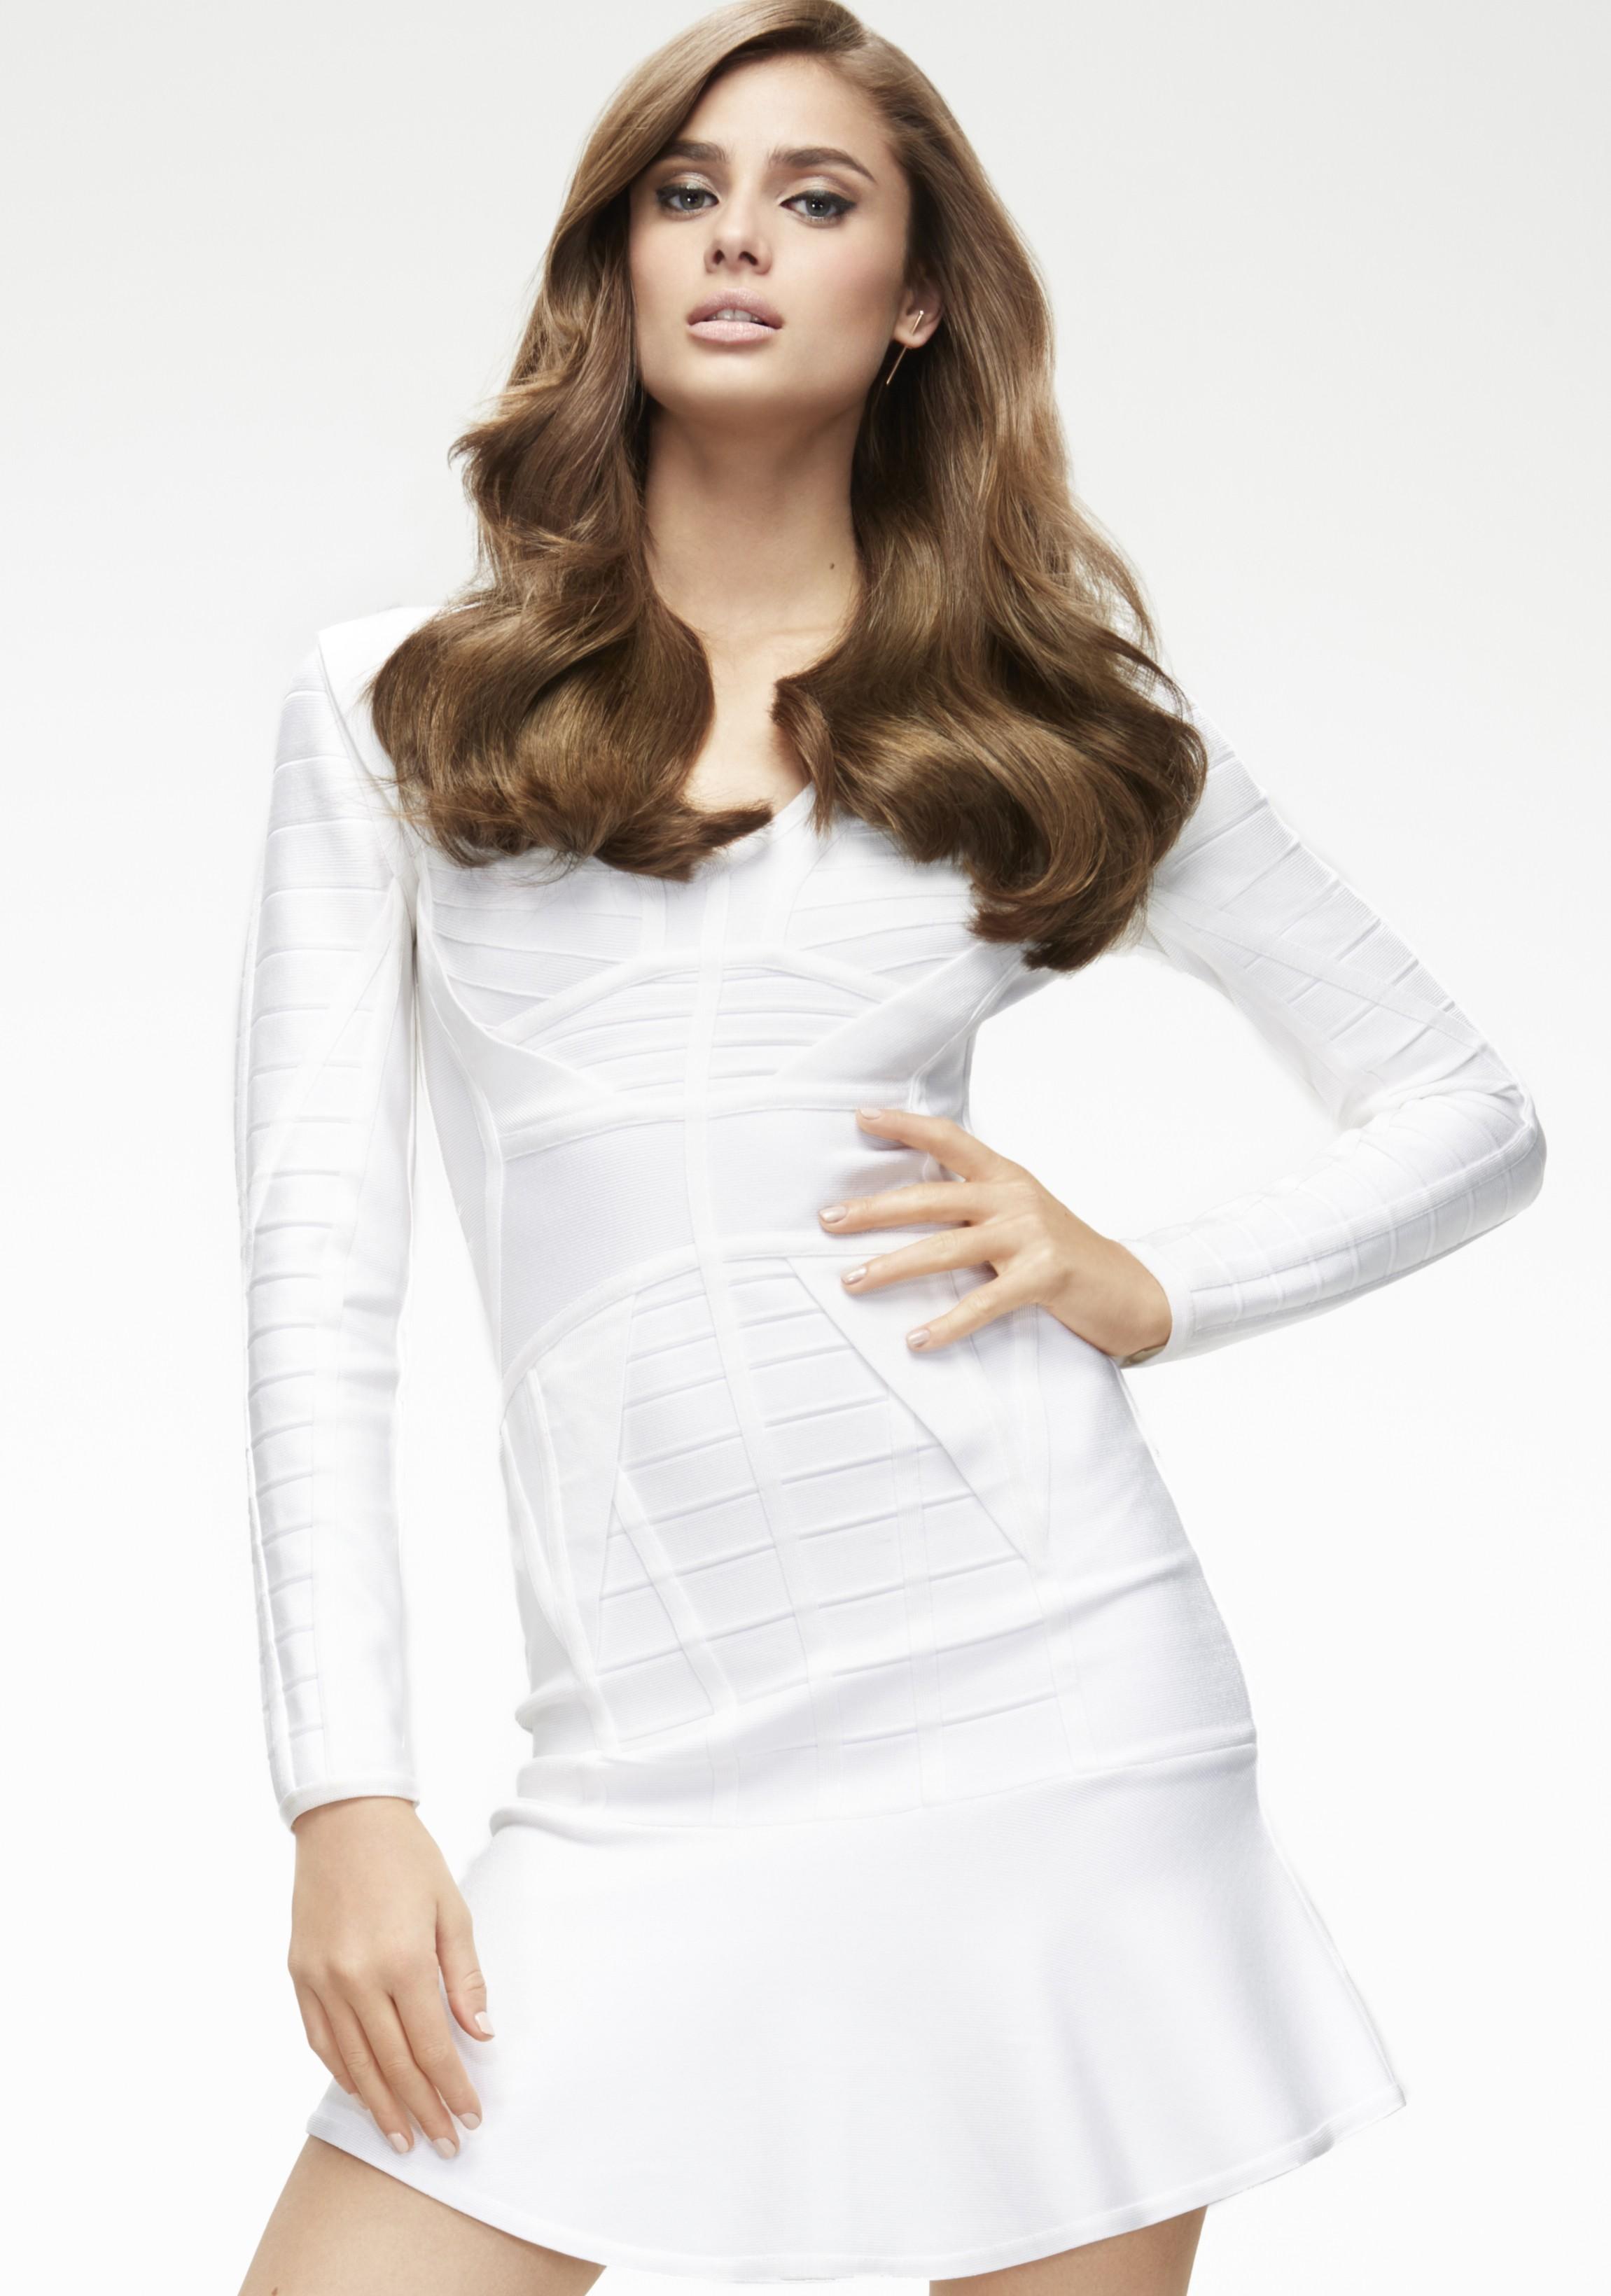 Taylor em campanha para a LOréal Professionel (Foto: Divulgação)